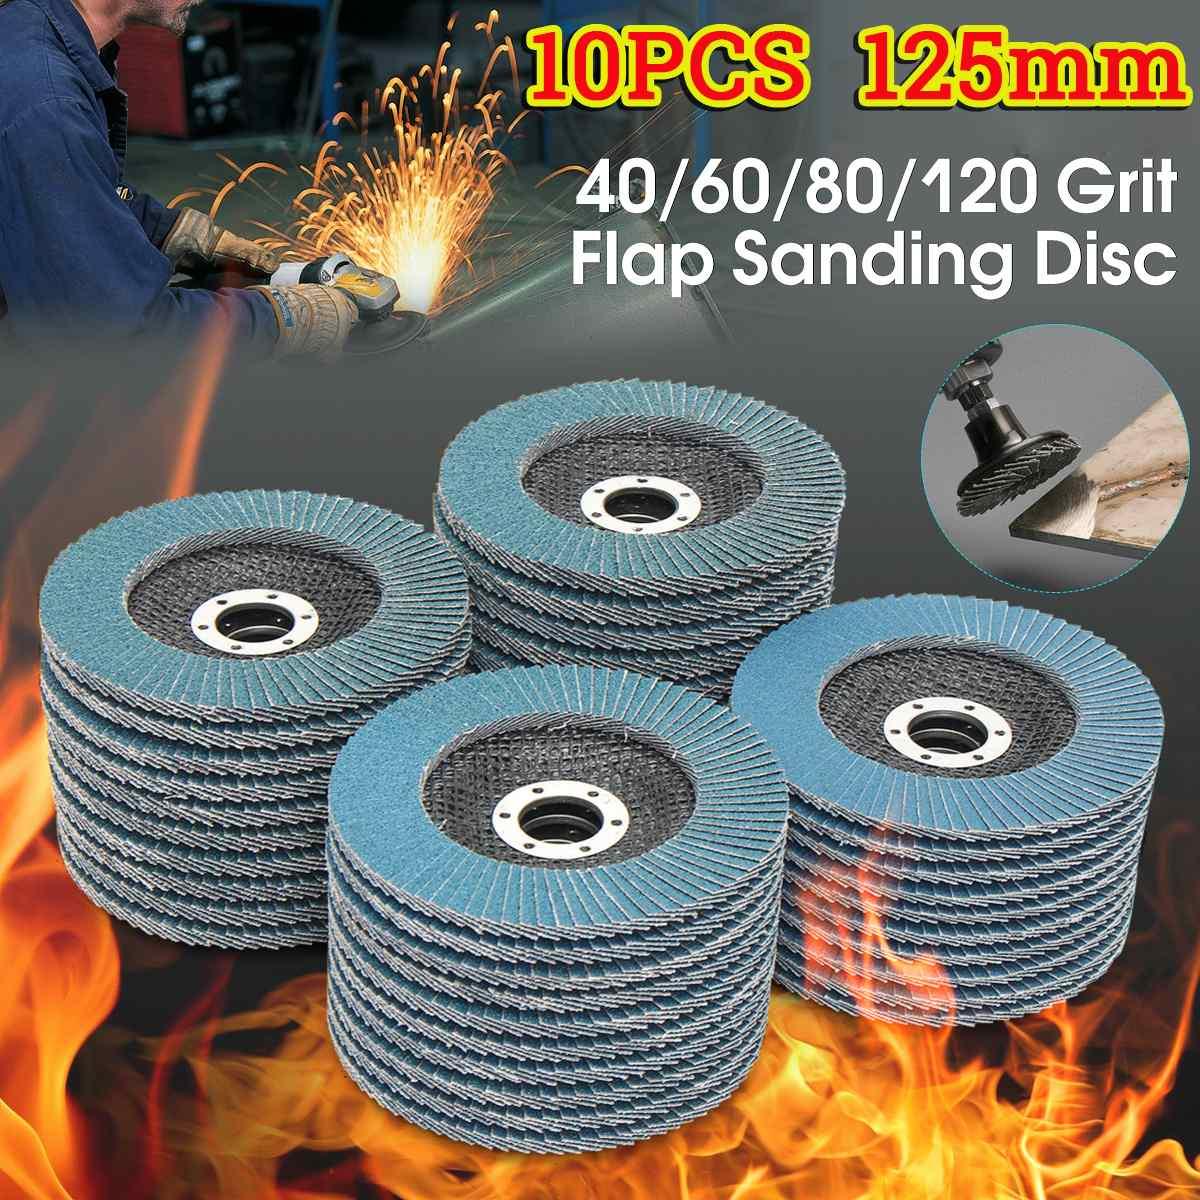 10 бр. 125 мм професионални дискове с капак 5 инча шлифовъчни дискове 40/60/80/120 песъчинки, остриета за шлифовъчни дискове